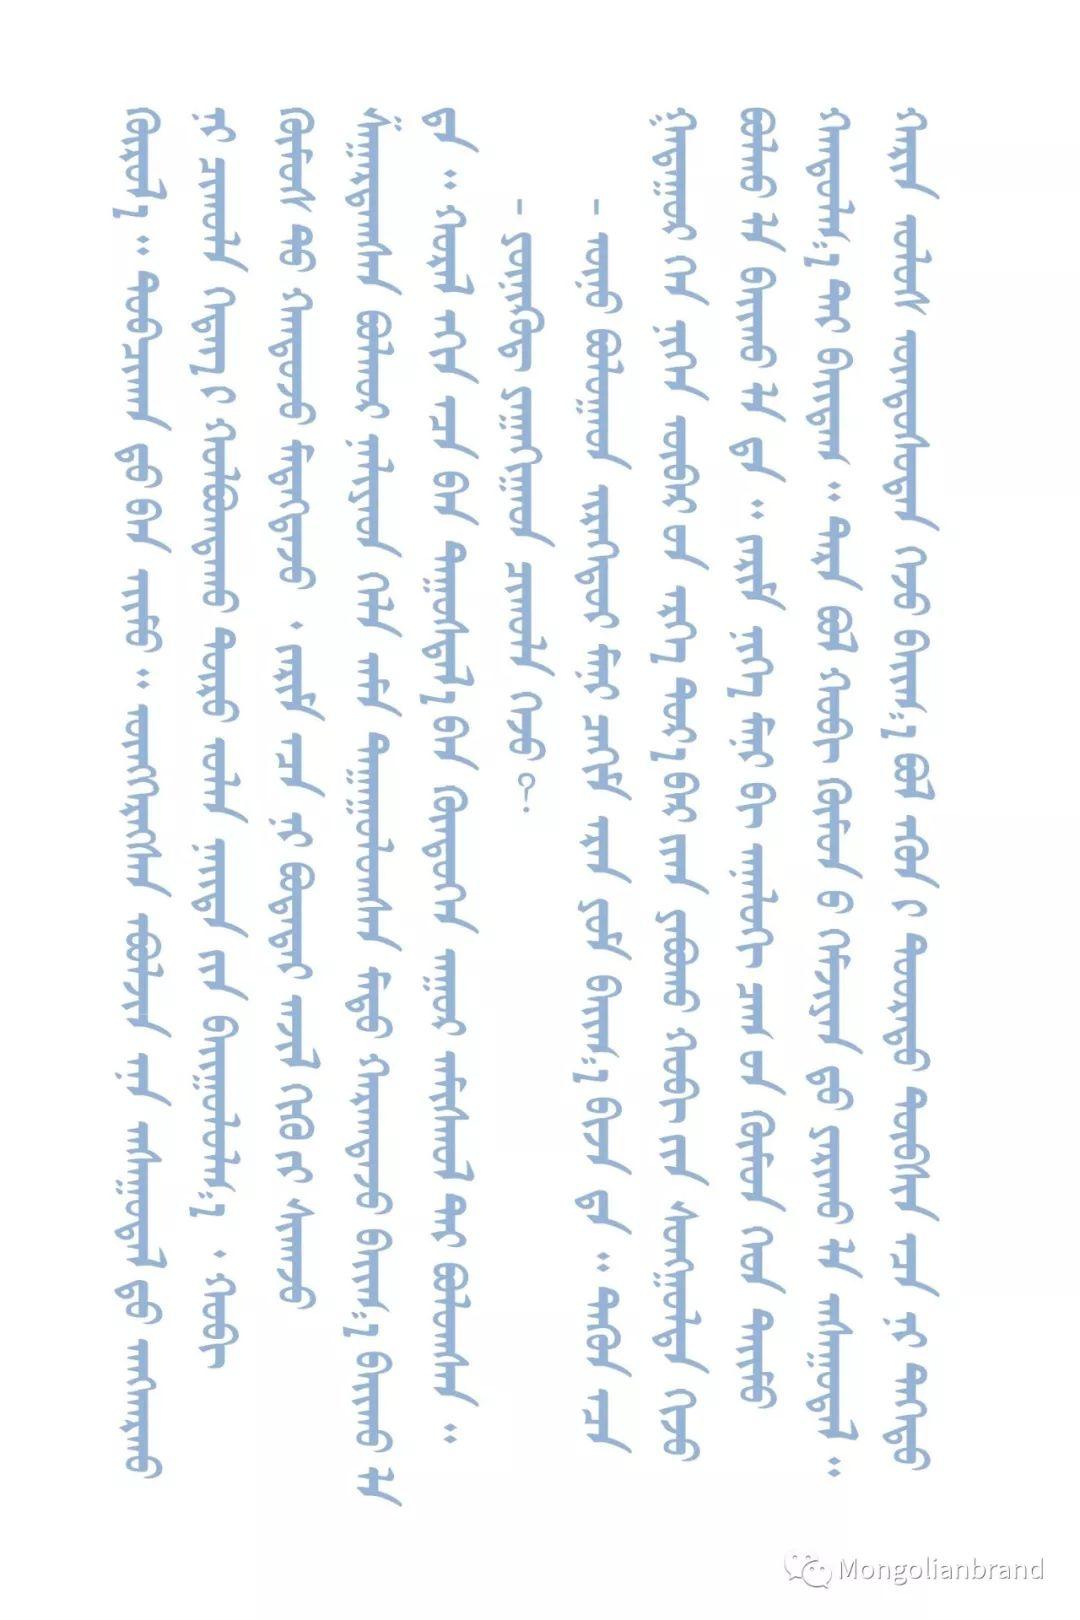 蒙古字体设计专家Jamiyansuren:让每个蒙古人掌握传统蒙古文是我们的终极目标 第6张 蒙古字体设计专家Jamiyansuren:让每个蒙古人掌握传统蒙古文是我们的终极目标 蒙古文化